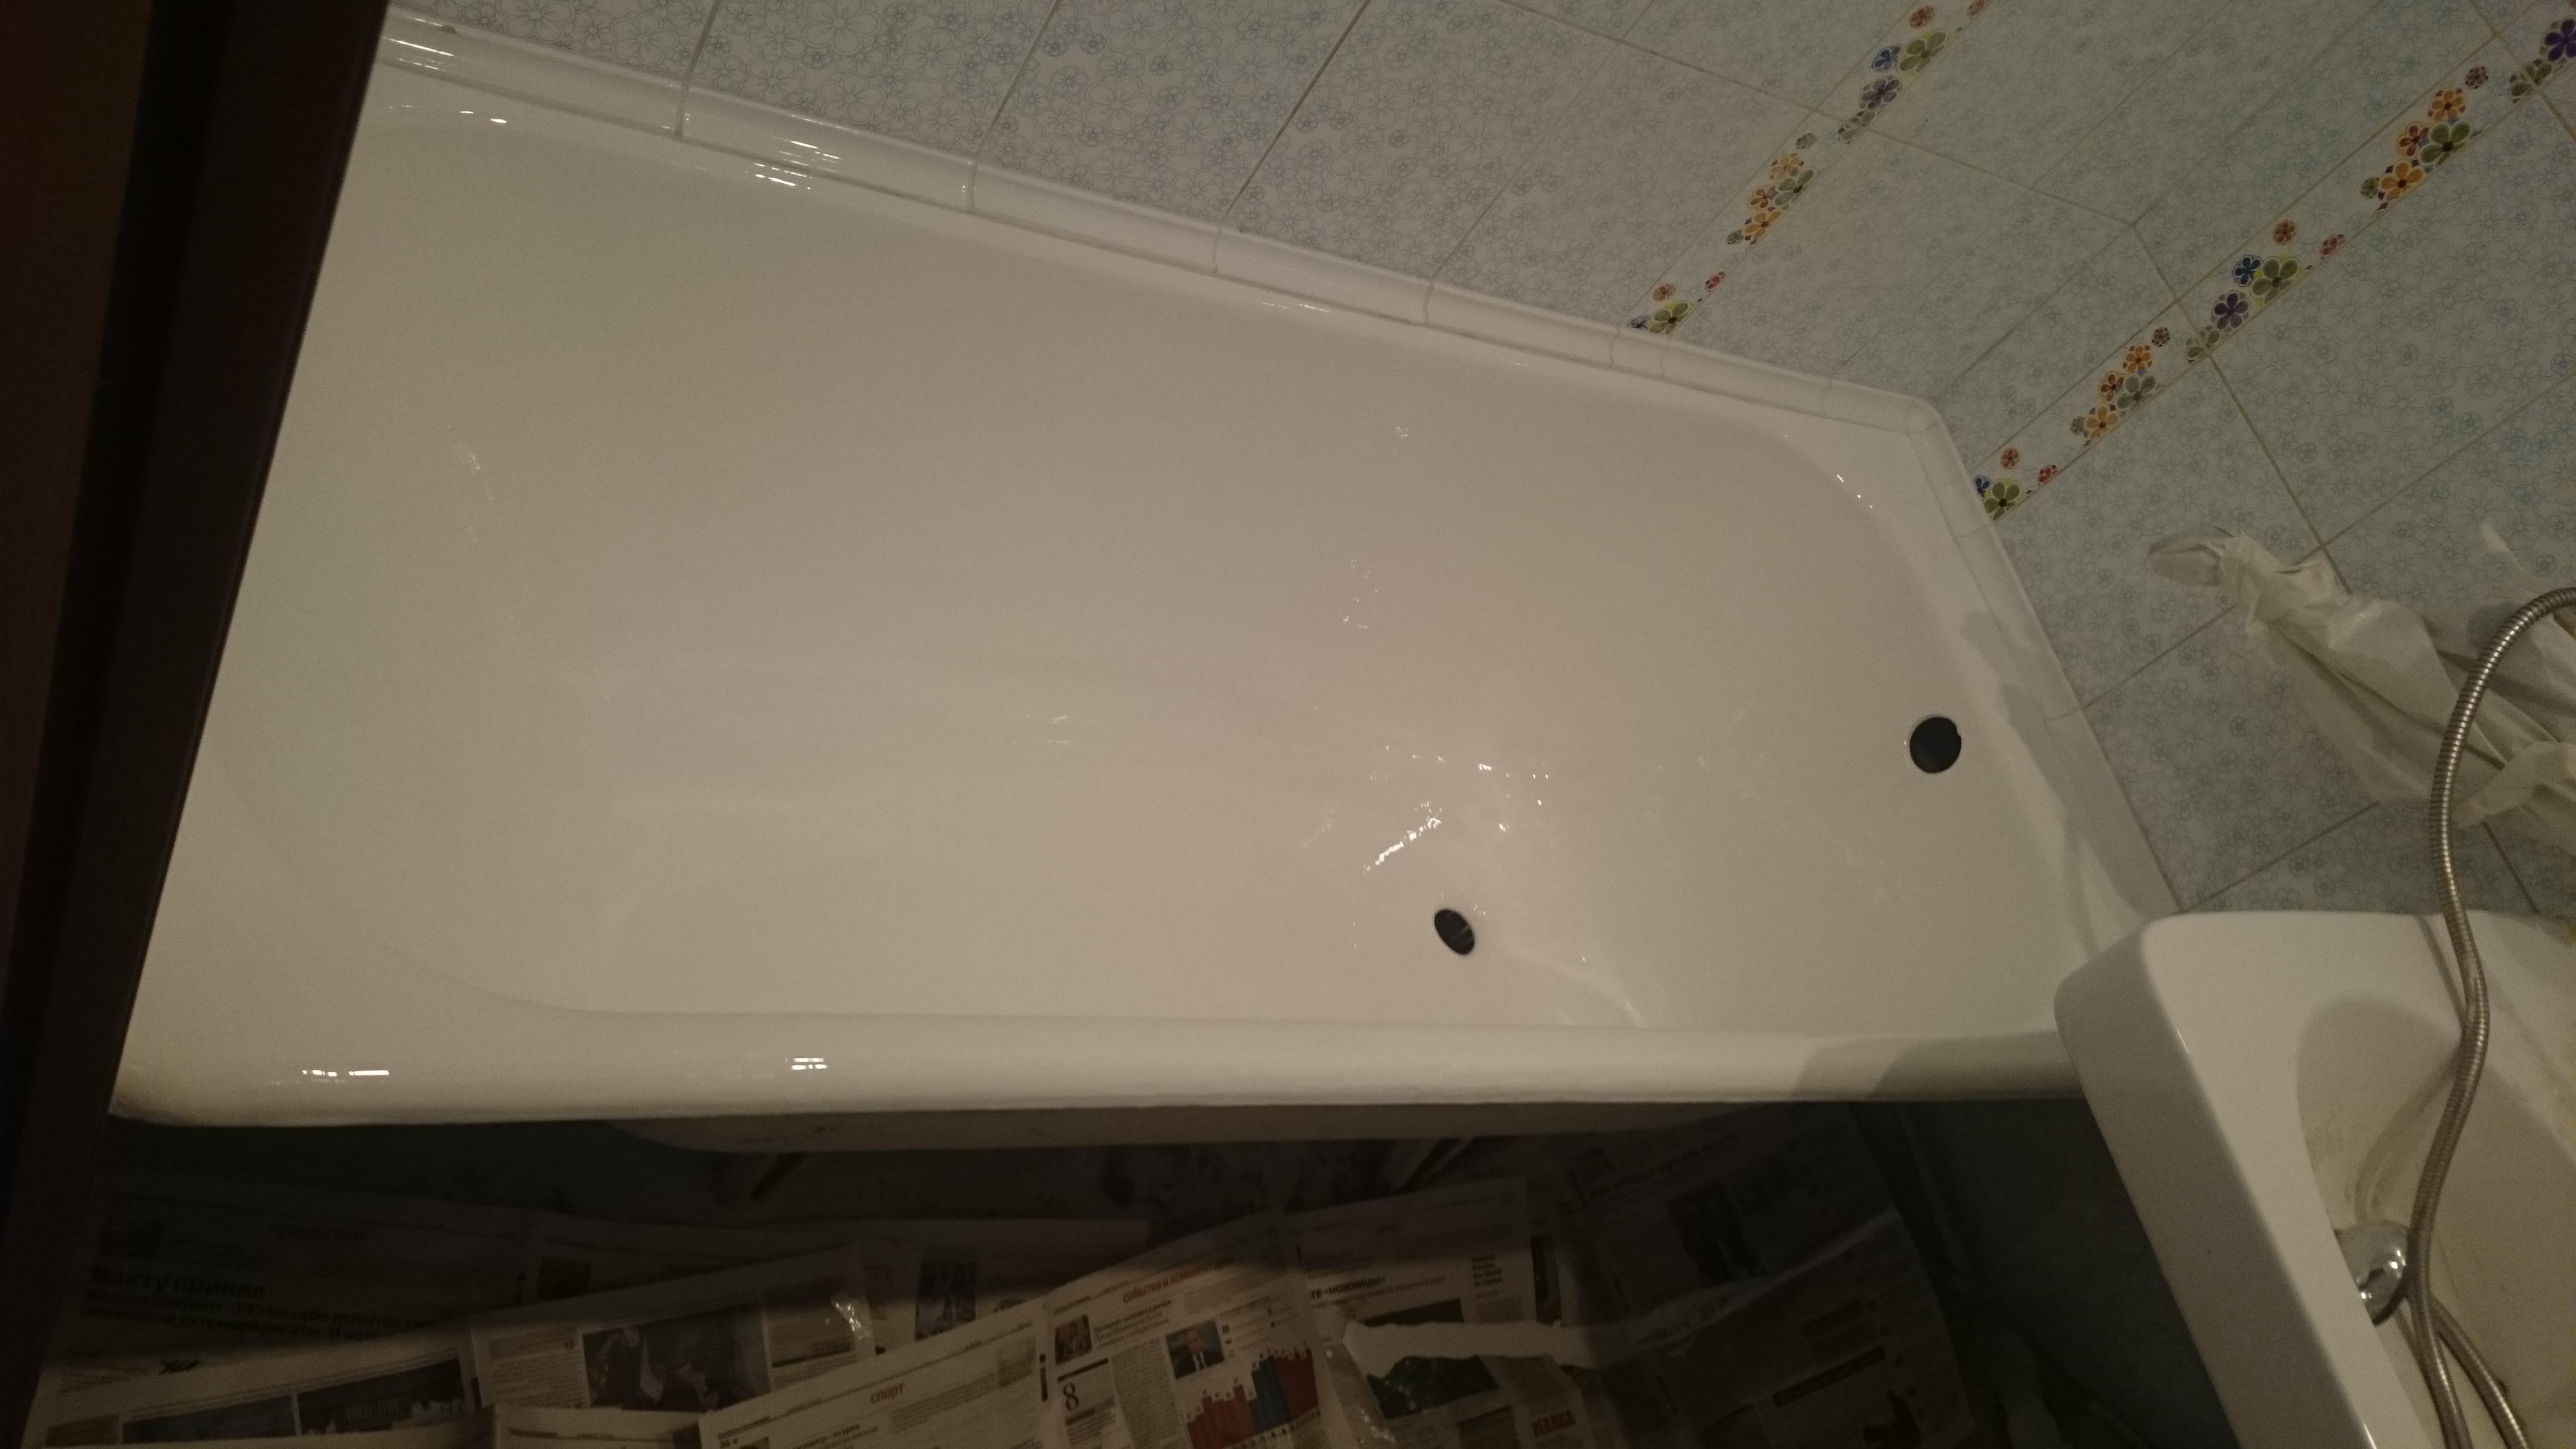 Полная вышлифовка ванны при реставрации - за и против